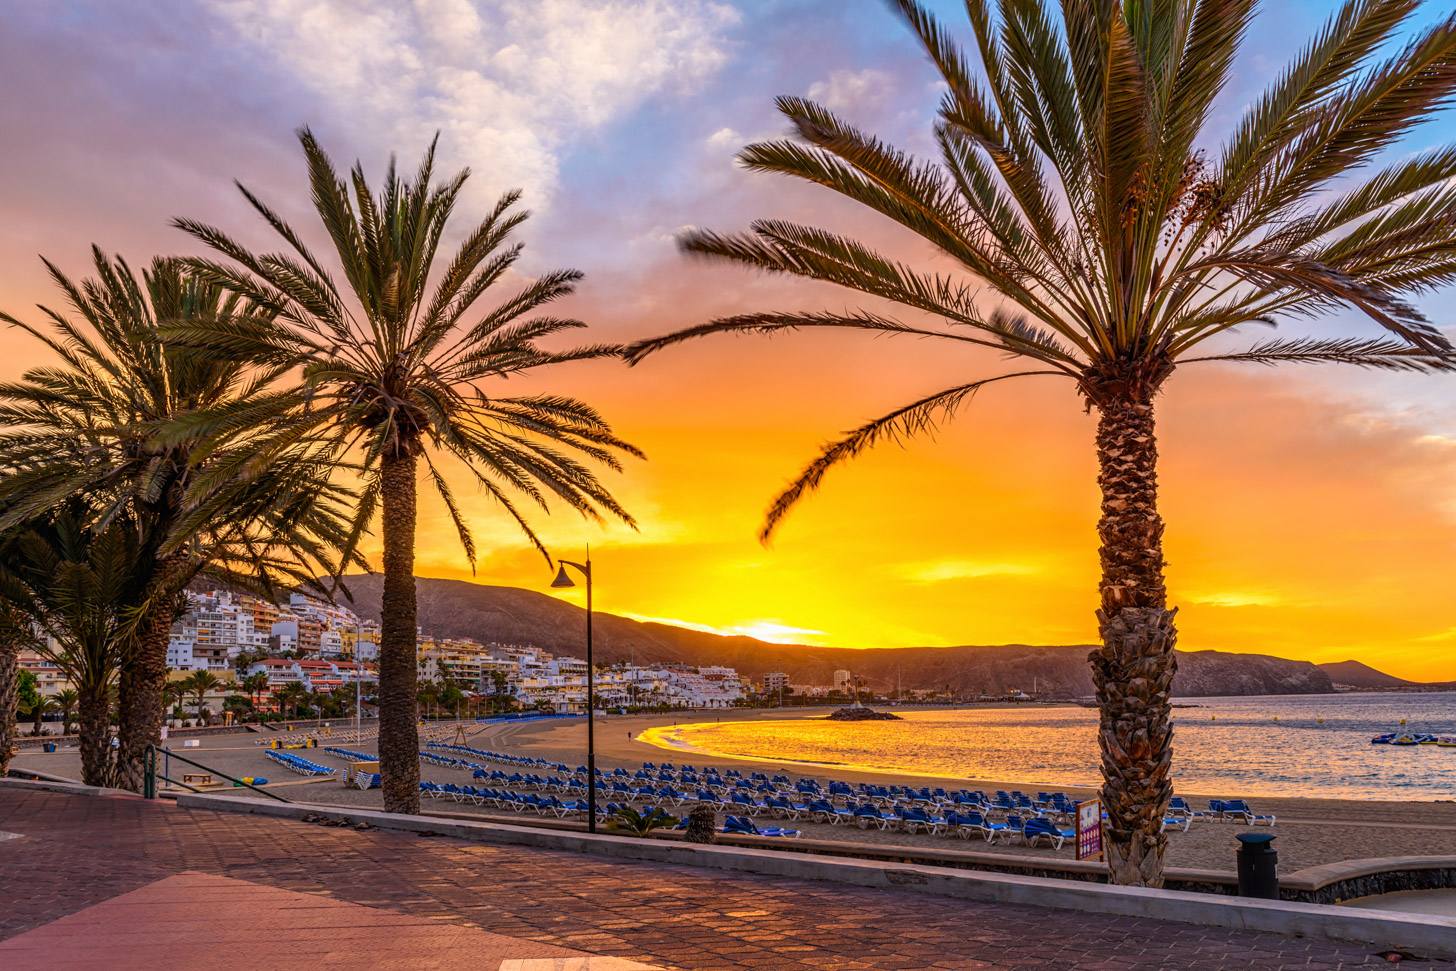 Heerlijk: de zon op Tenerife!